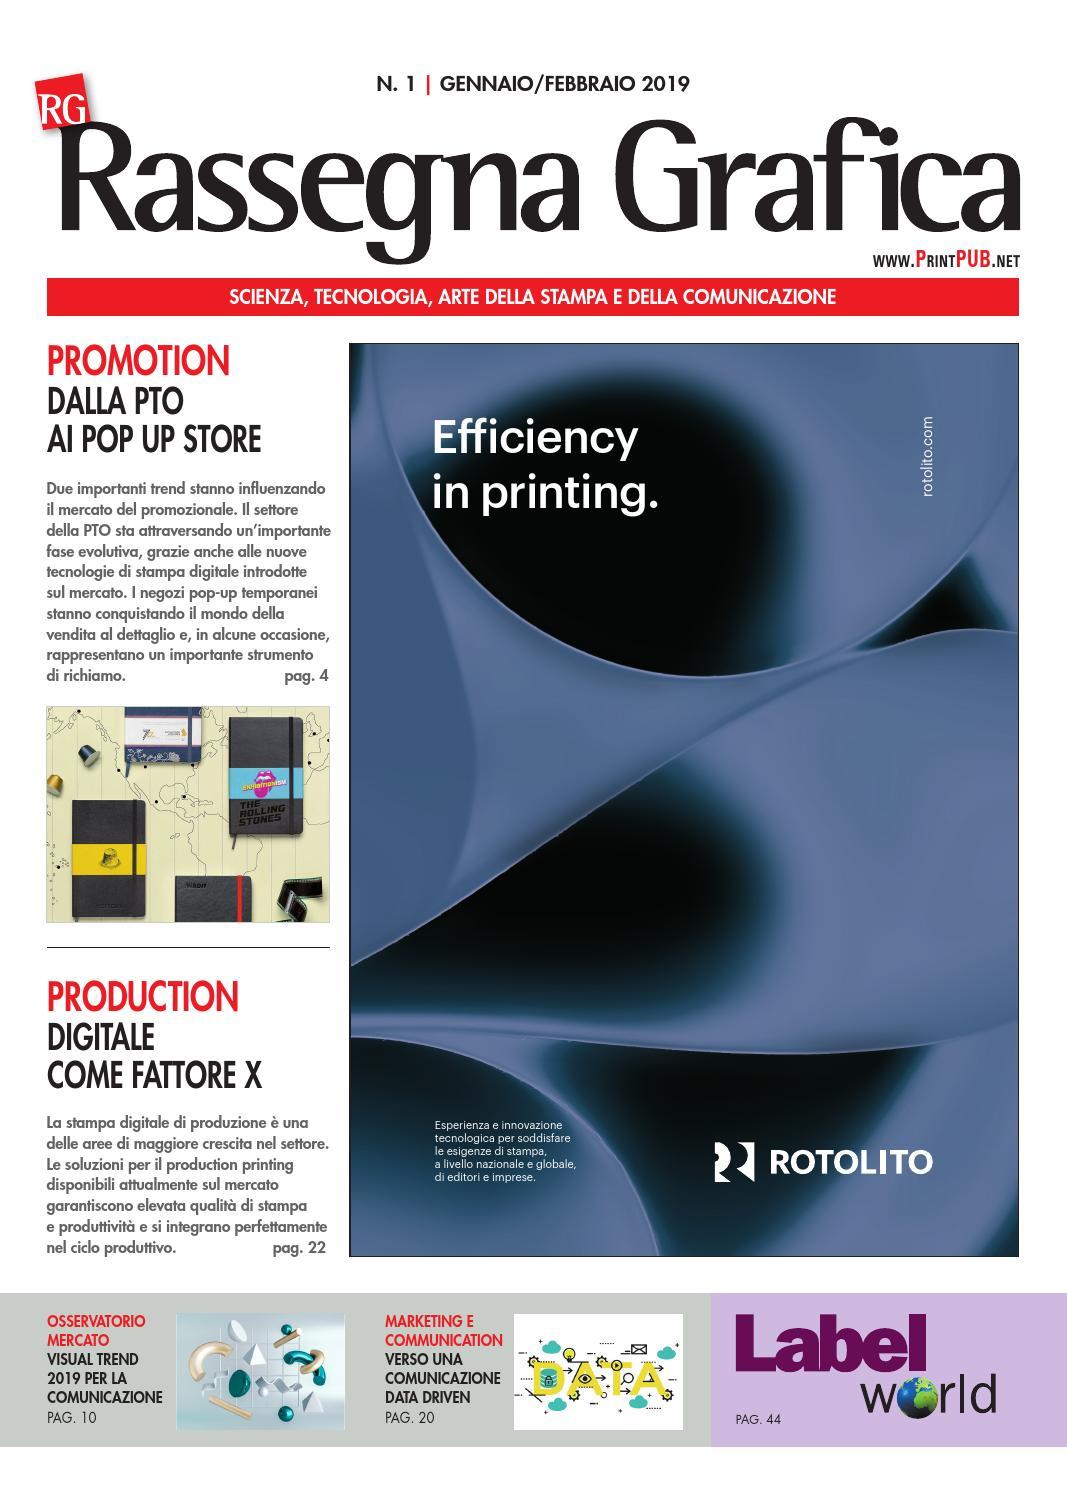 4944edbd0f38ec Rassegna Grafica n.1 - Gennaio/Febbraio 2019 by Innovative Press srl - issuu